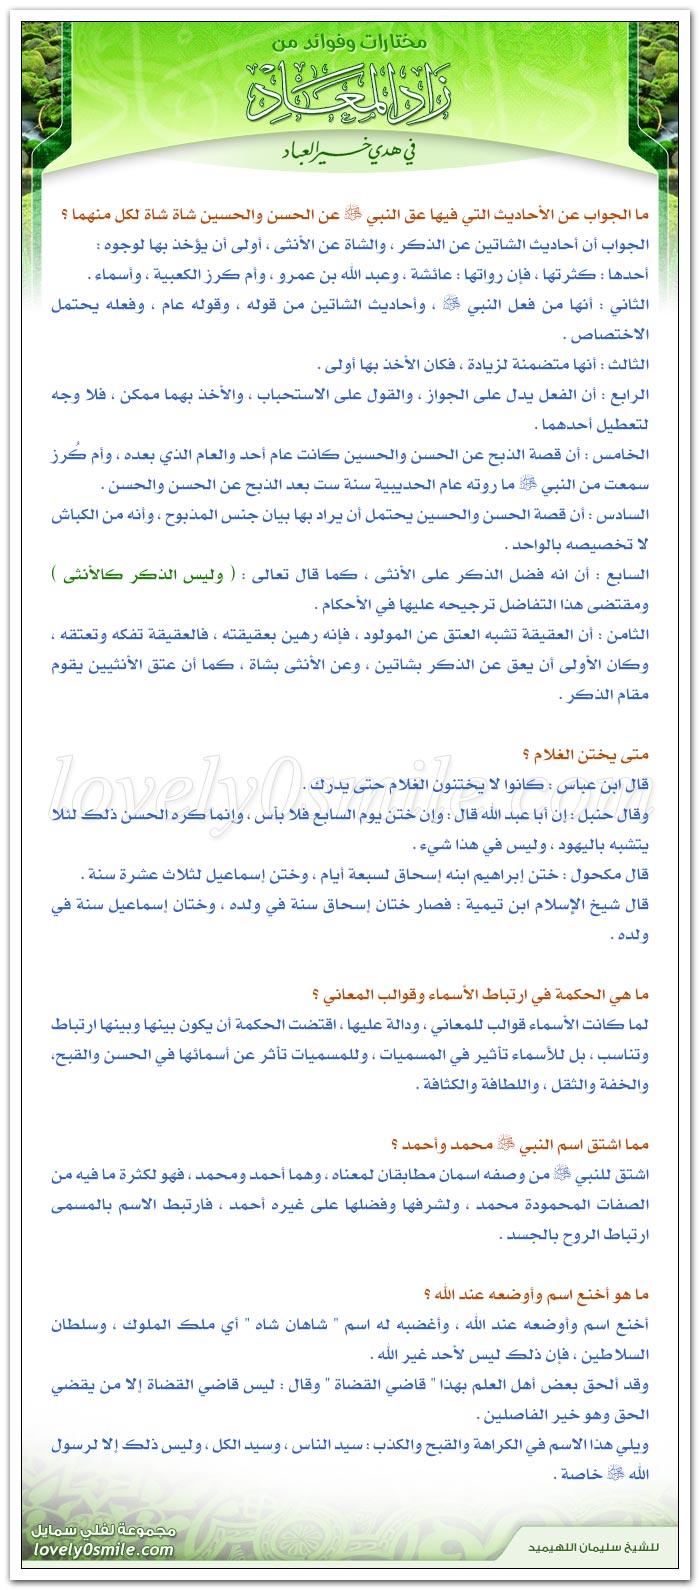 أقبح الأسماء المعاصي zad-097.jpg